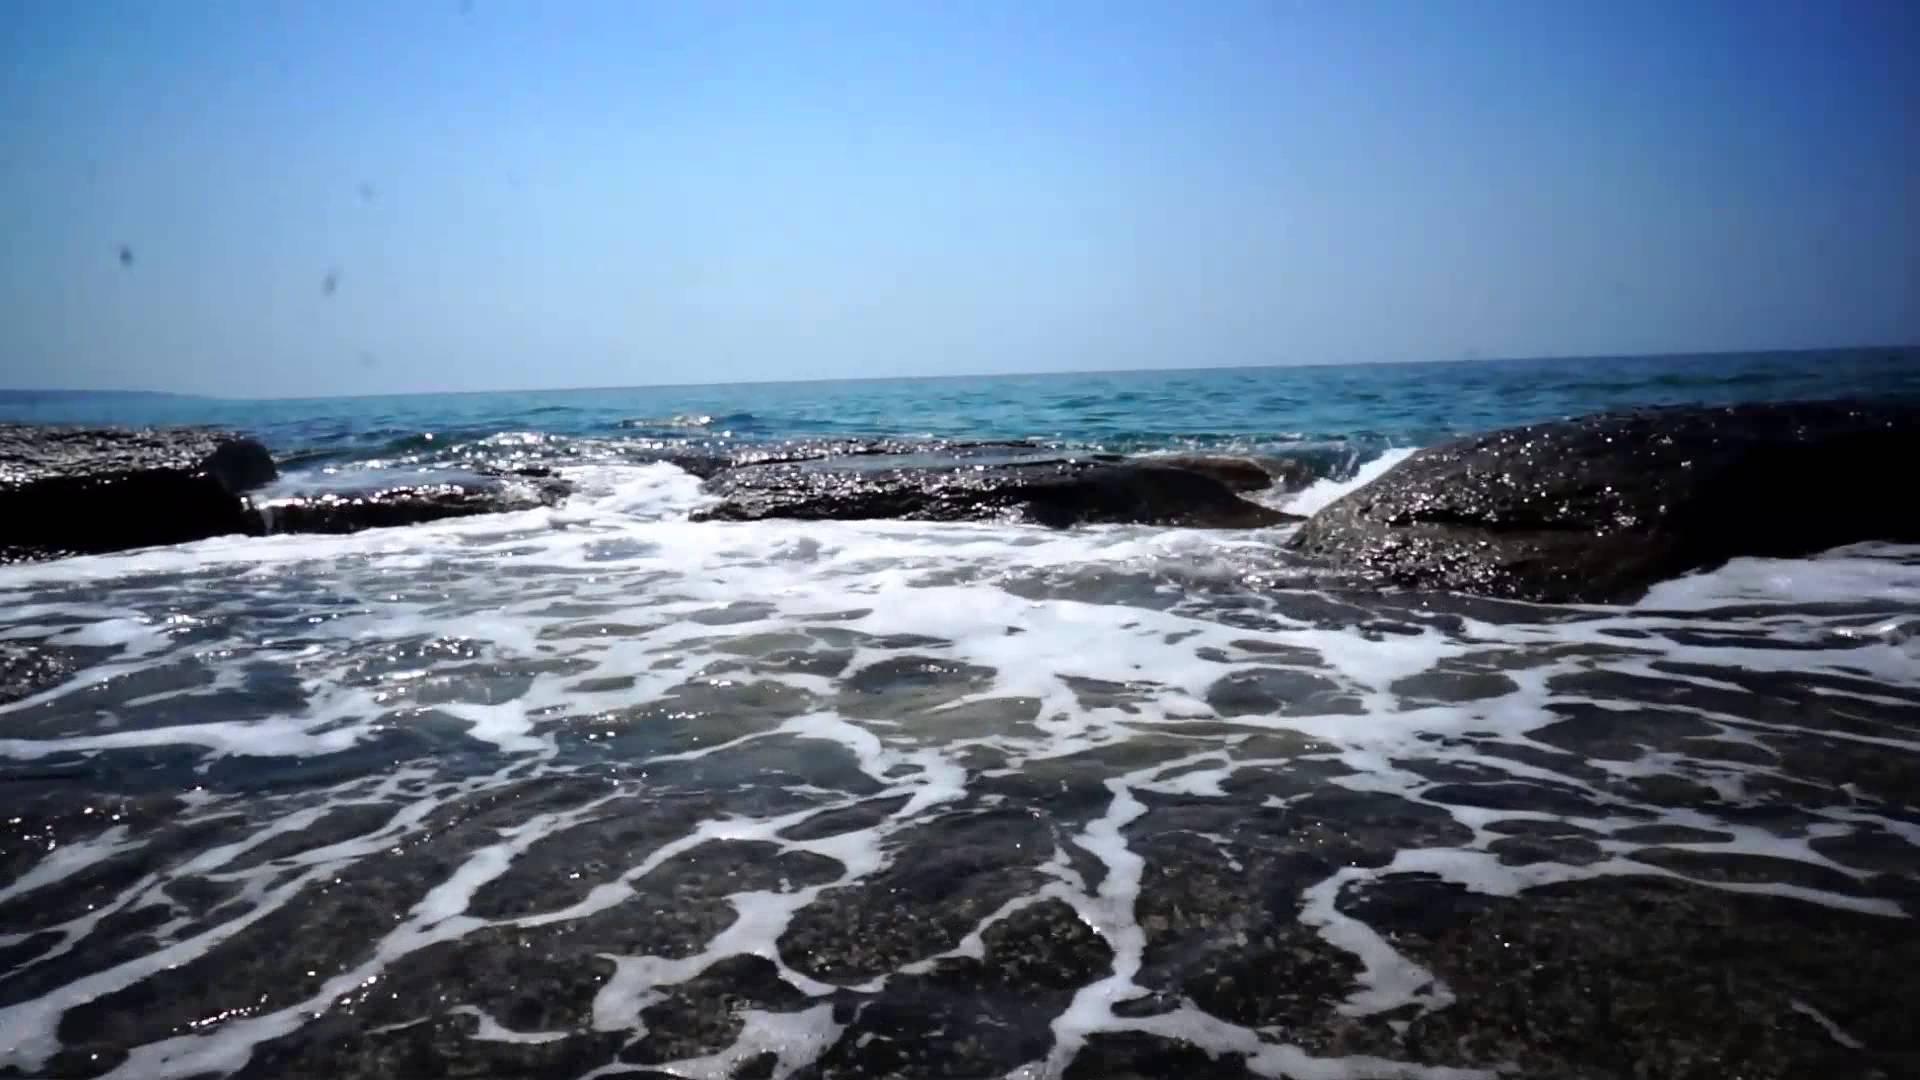 Caspian_Sea_kaspiyskoe_more